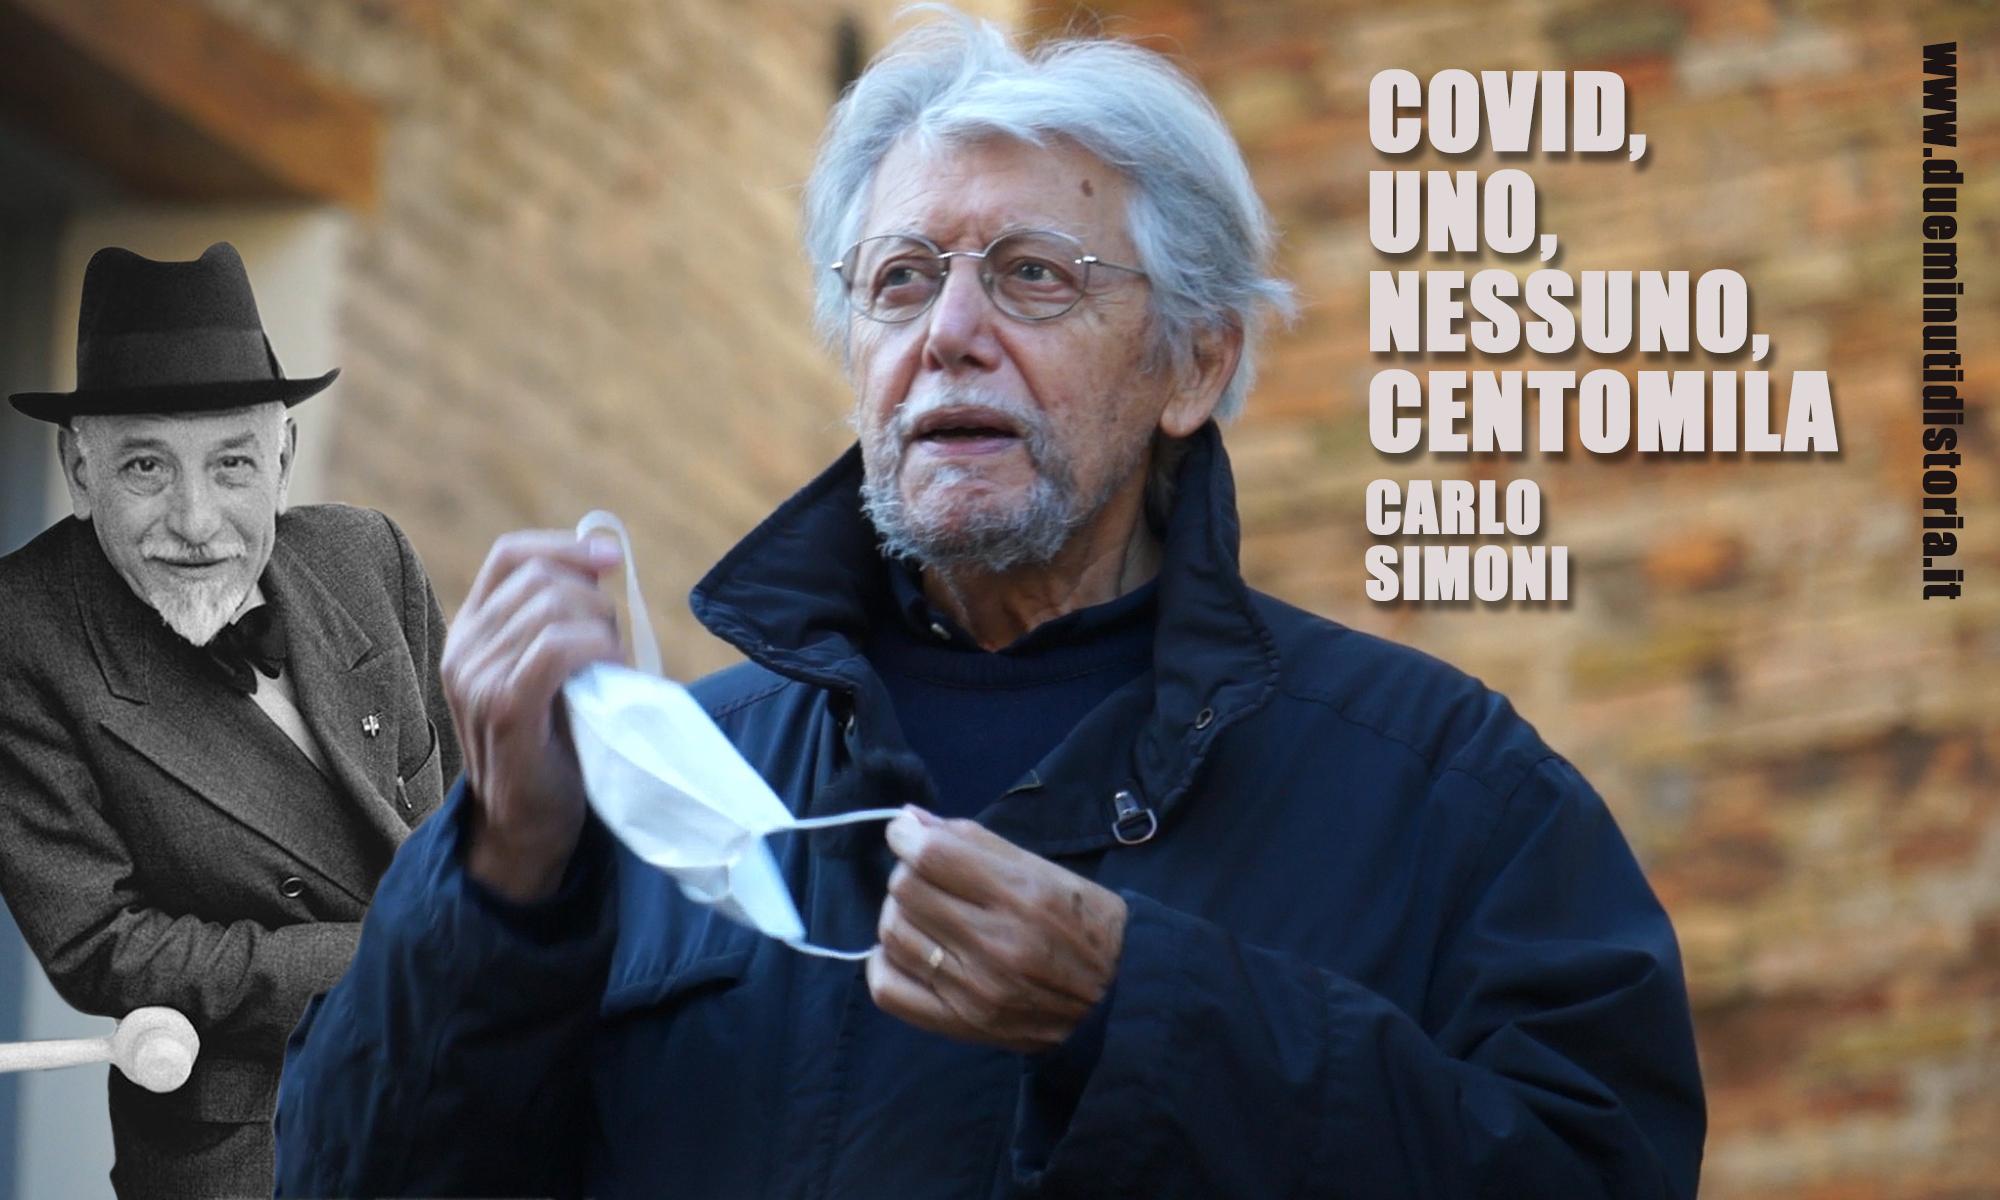 Carlo Simoni, Pirandello, Uno, Nessuno, Centomila e il Covid